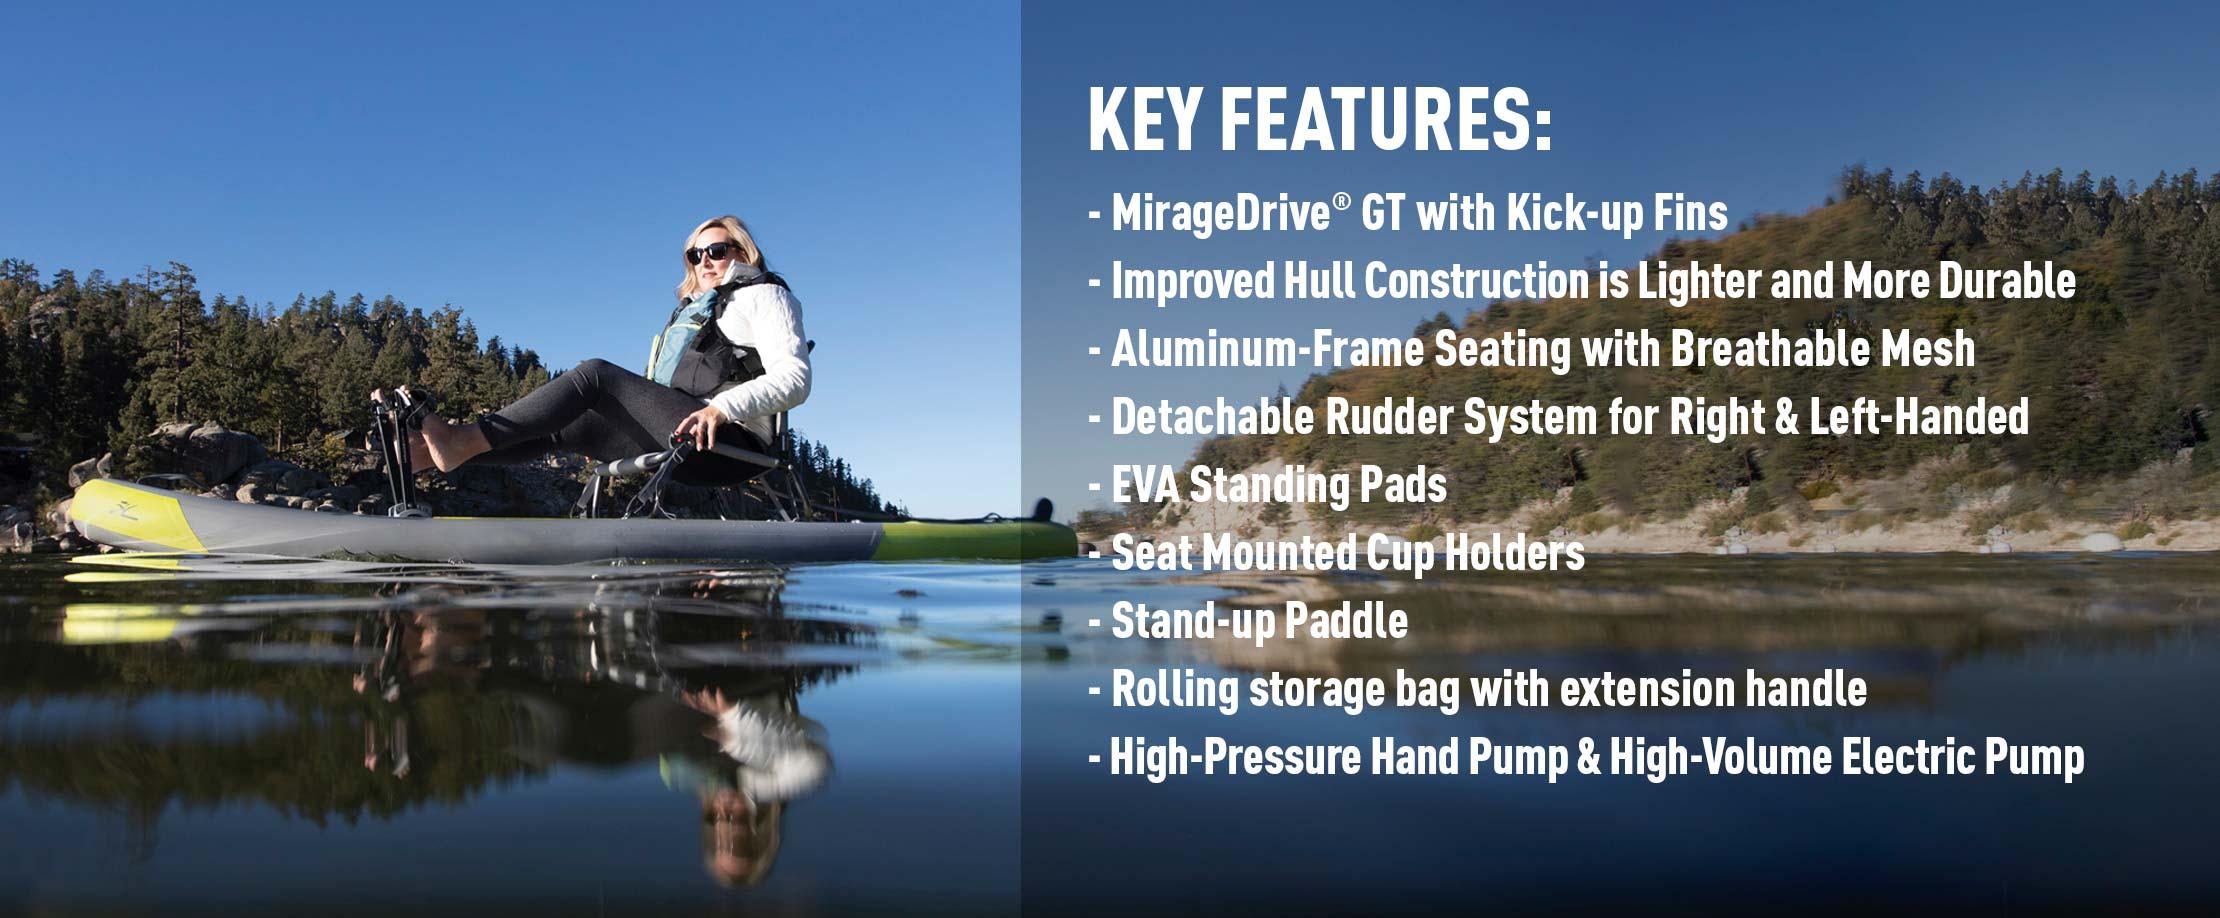 Mirage iTrek 9 Ultralite Features